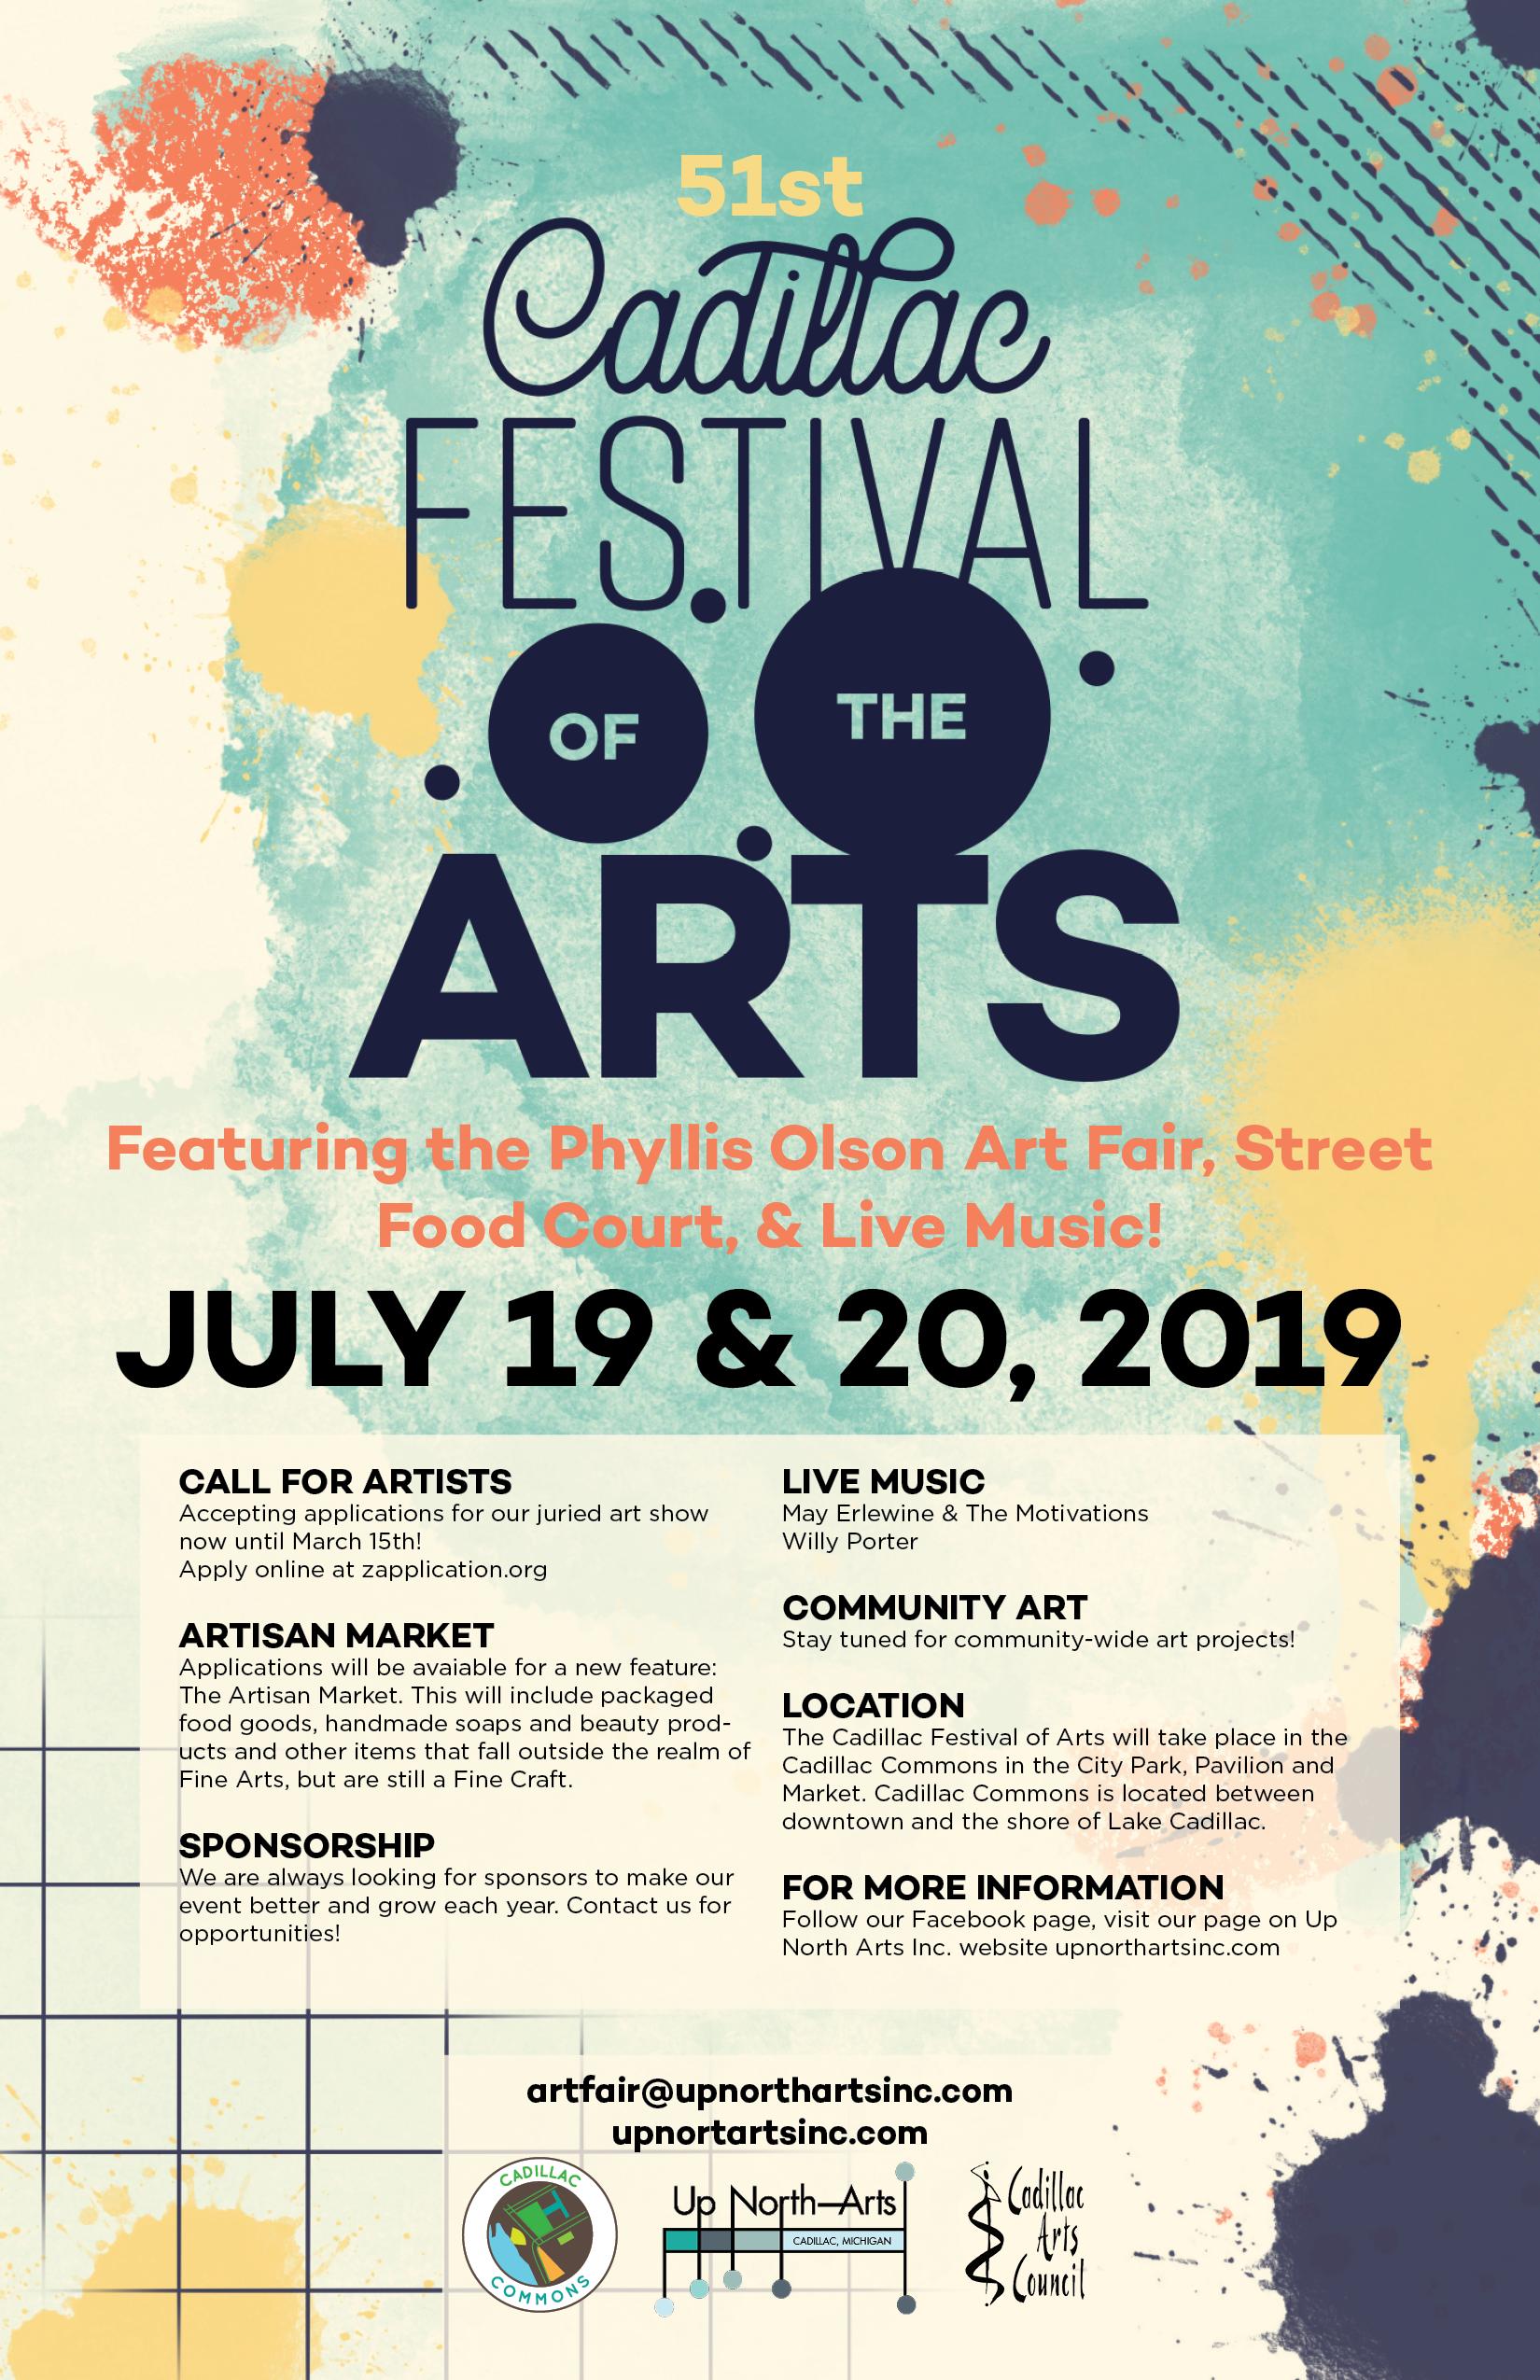 Art Fest Poster Up North Arts Inc